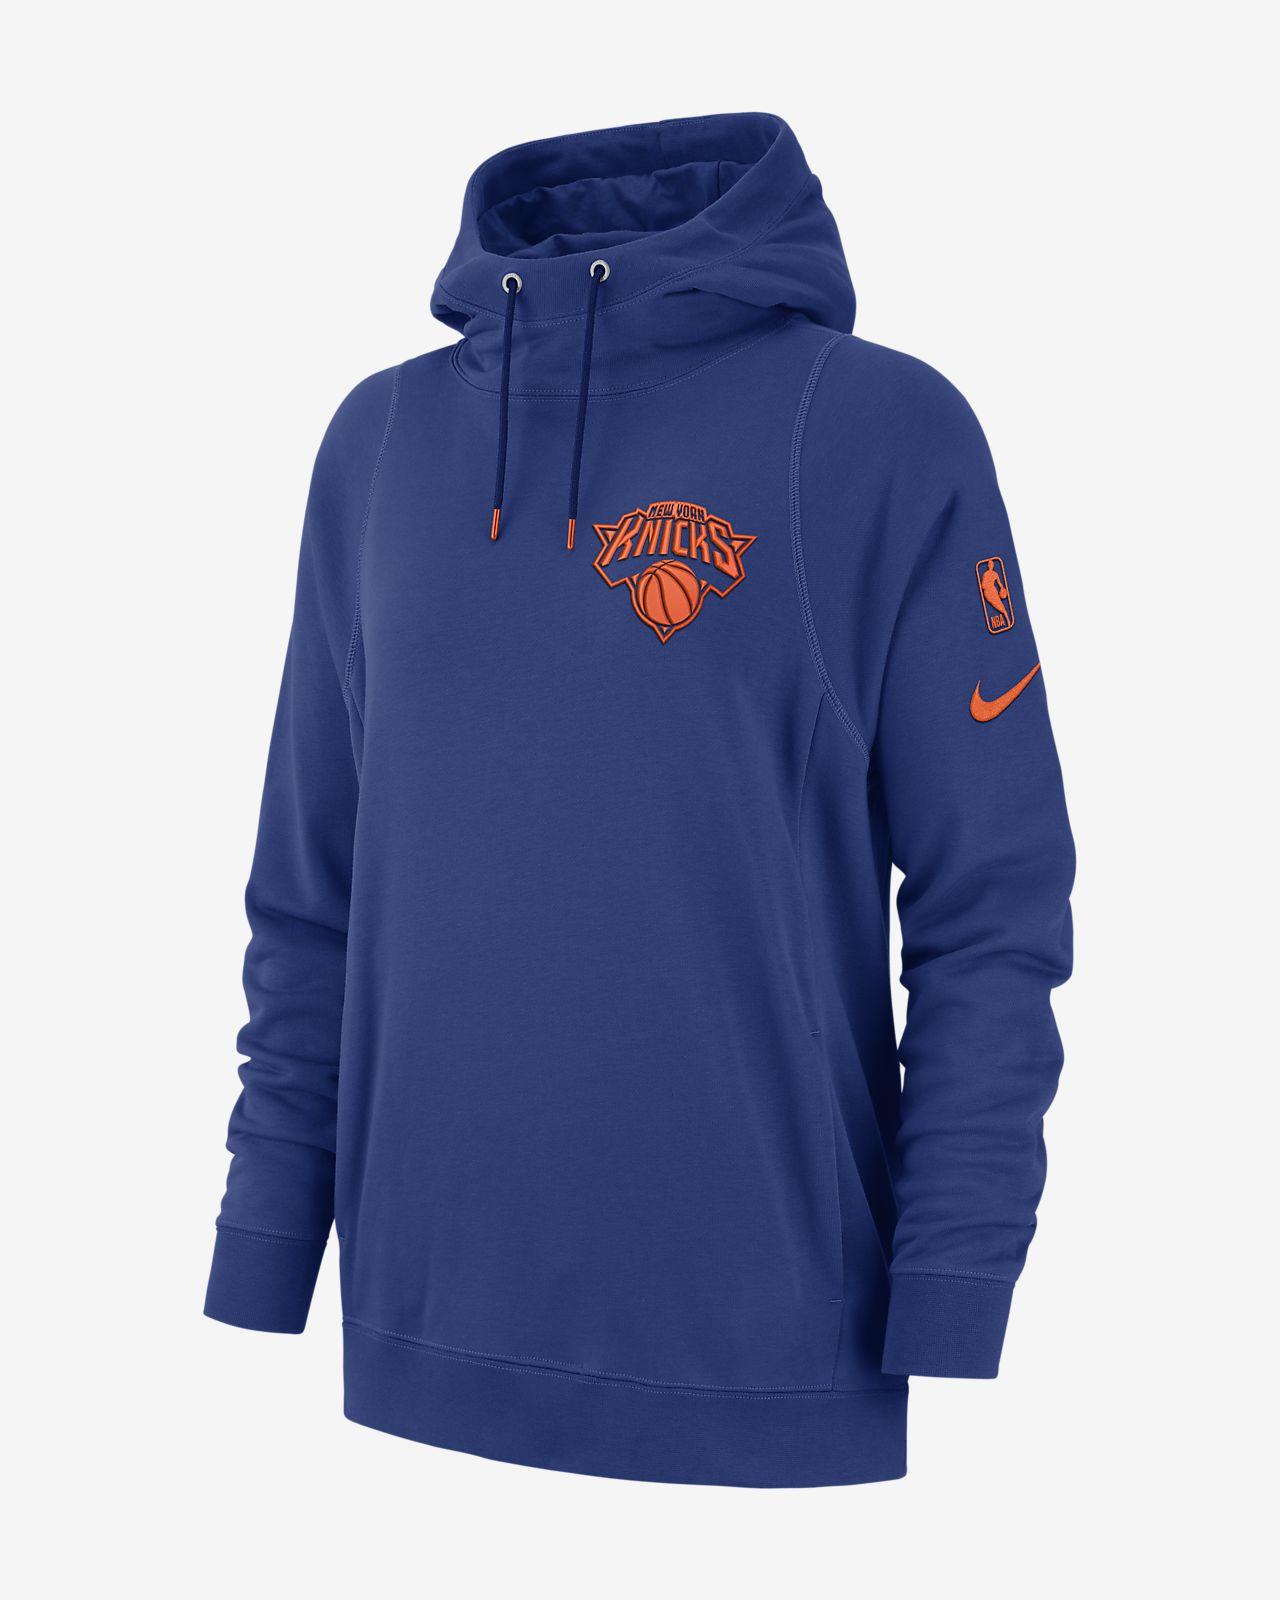 on sale a7646 4fe58 New York Knicks Nike Women's NBA Hoodie